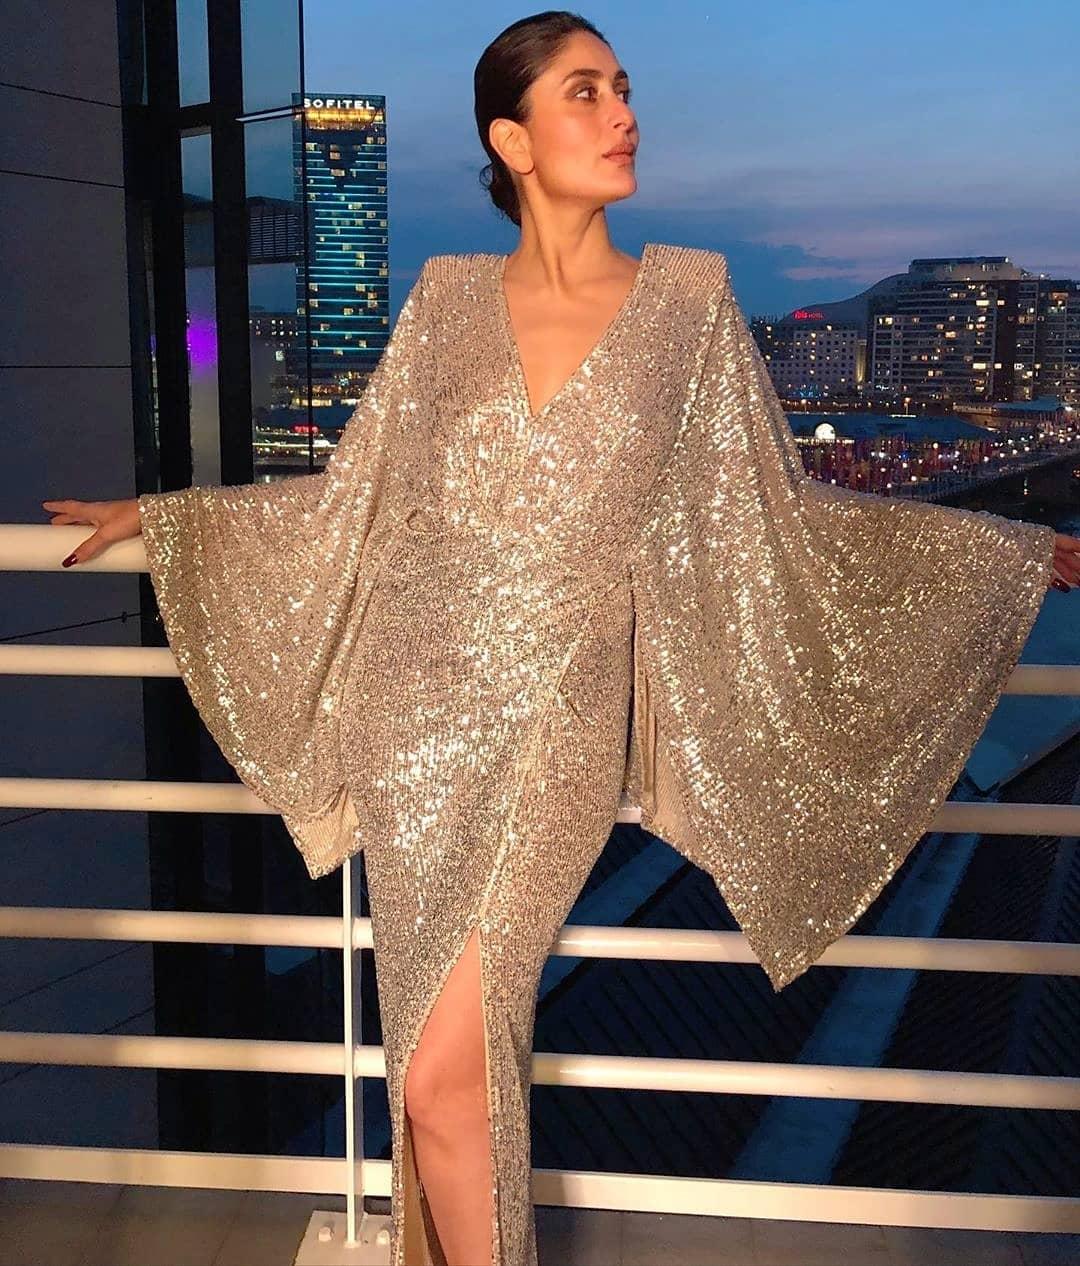 एका इव्हेंट लुकसाठी अभिनेत्री करिना कपूरनं हा ड्रेस घातला होता. करिनाचे हे फोटो सोशल मीडियावर खूप व्हायरल झाला होता.